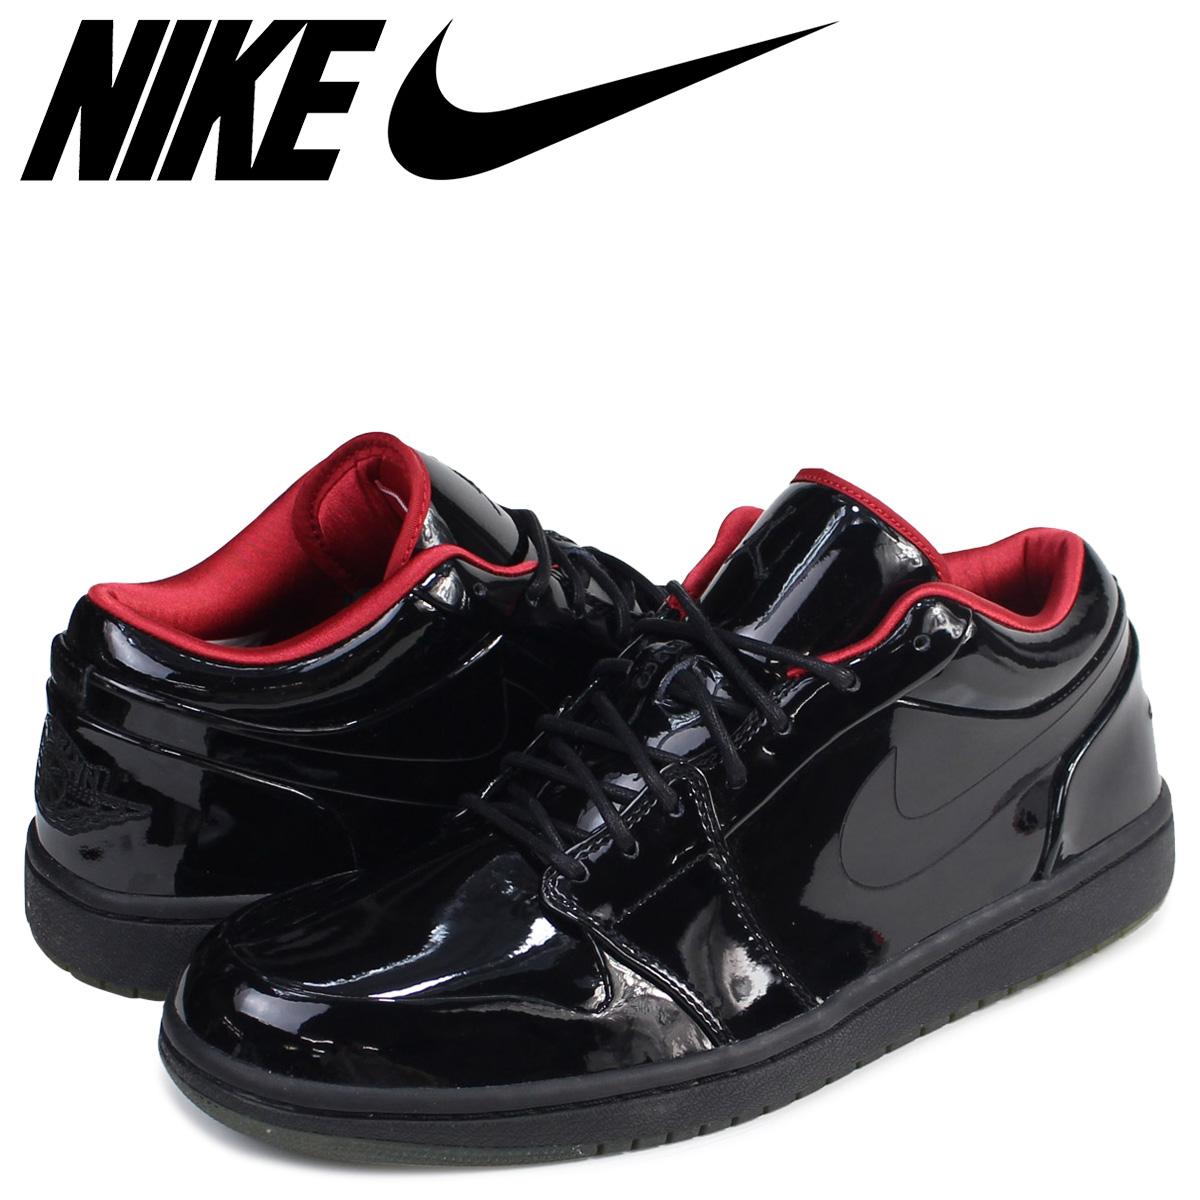 1d1df4c13b0 ... switzerland nike nike air jordan 1 sneakers air jordan 1 phat low  premium 365763 001 mens